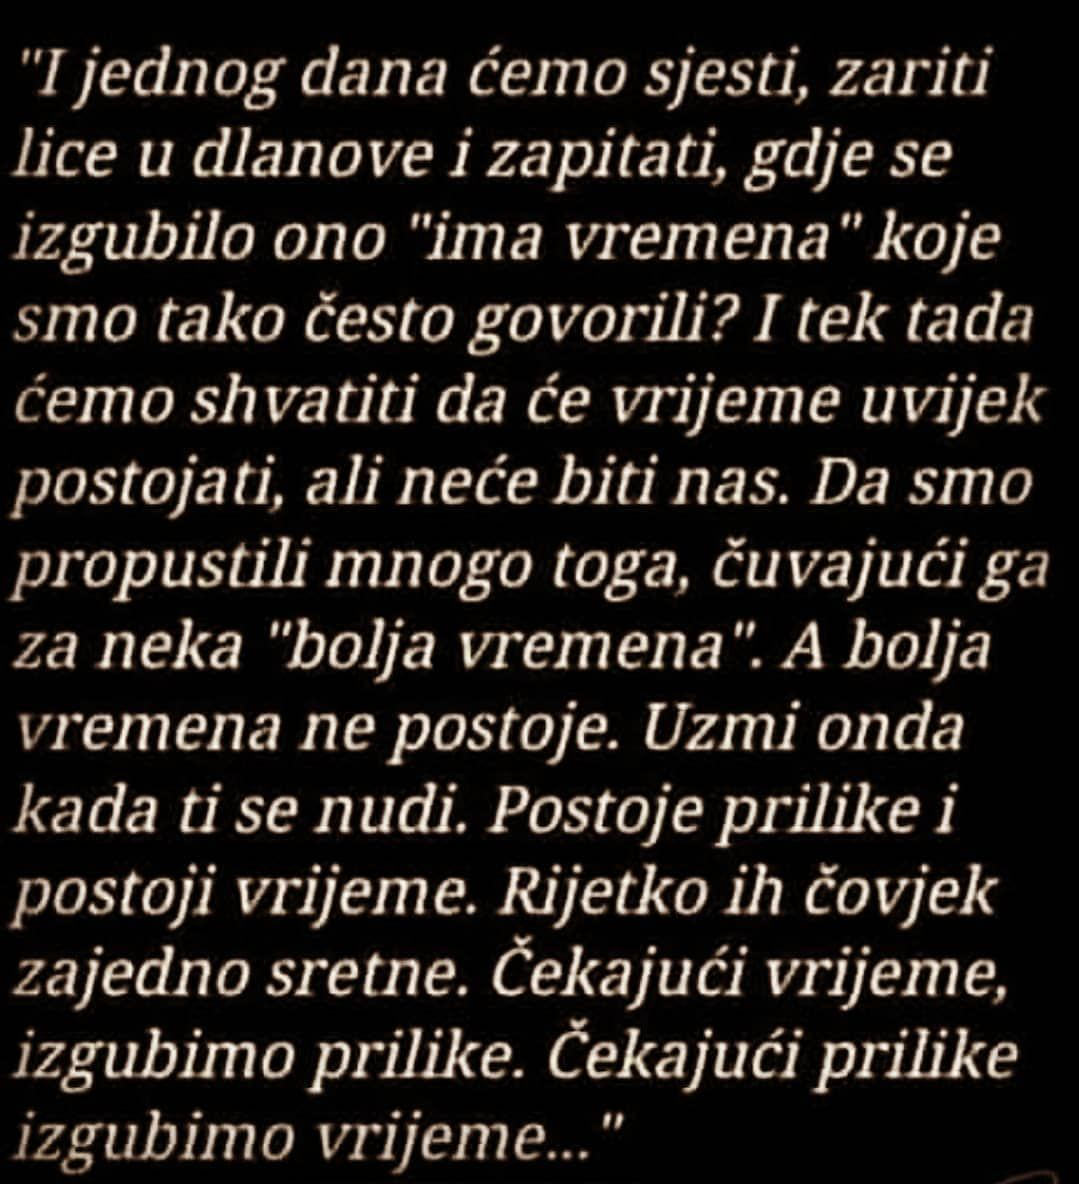 Beograd Zagreb Sarajevo Ljubljana Skopje Podgorica Jugoslavija Yugoslavia Balkanquotes Balkan Pastrovici Drobnipijesak Poetry Quotes Quotes Poetry